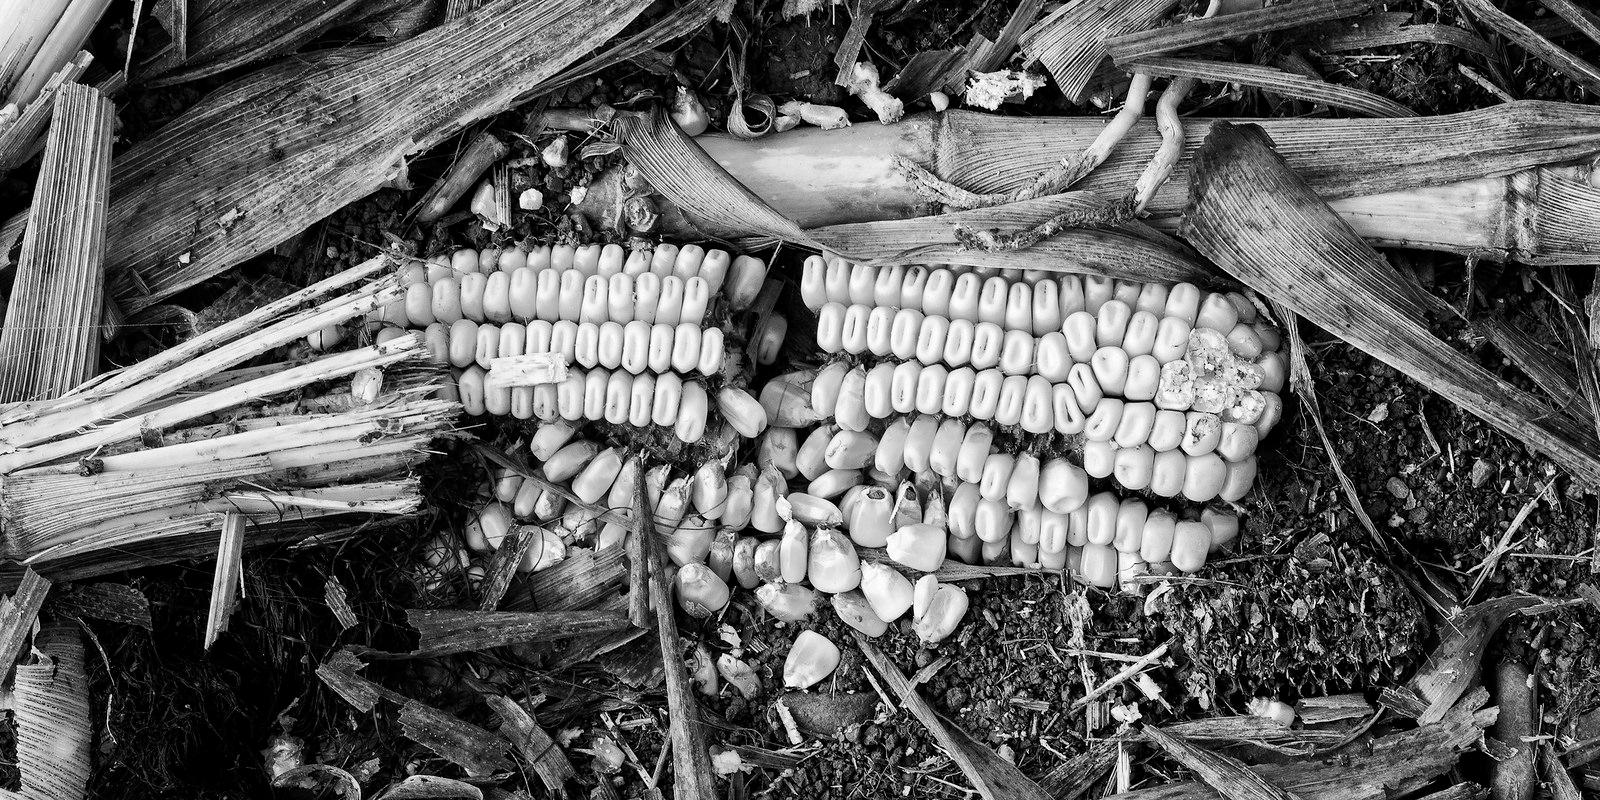 harvester missed  - blackandwhite - docdenny | ello